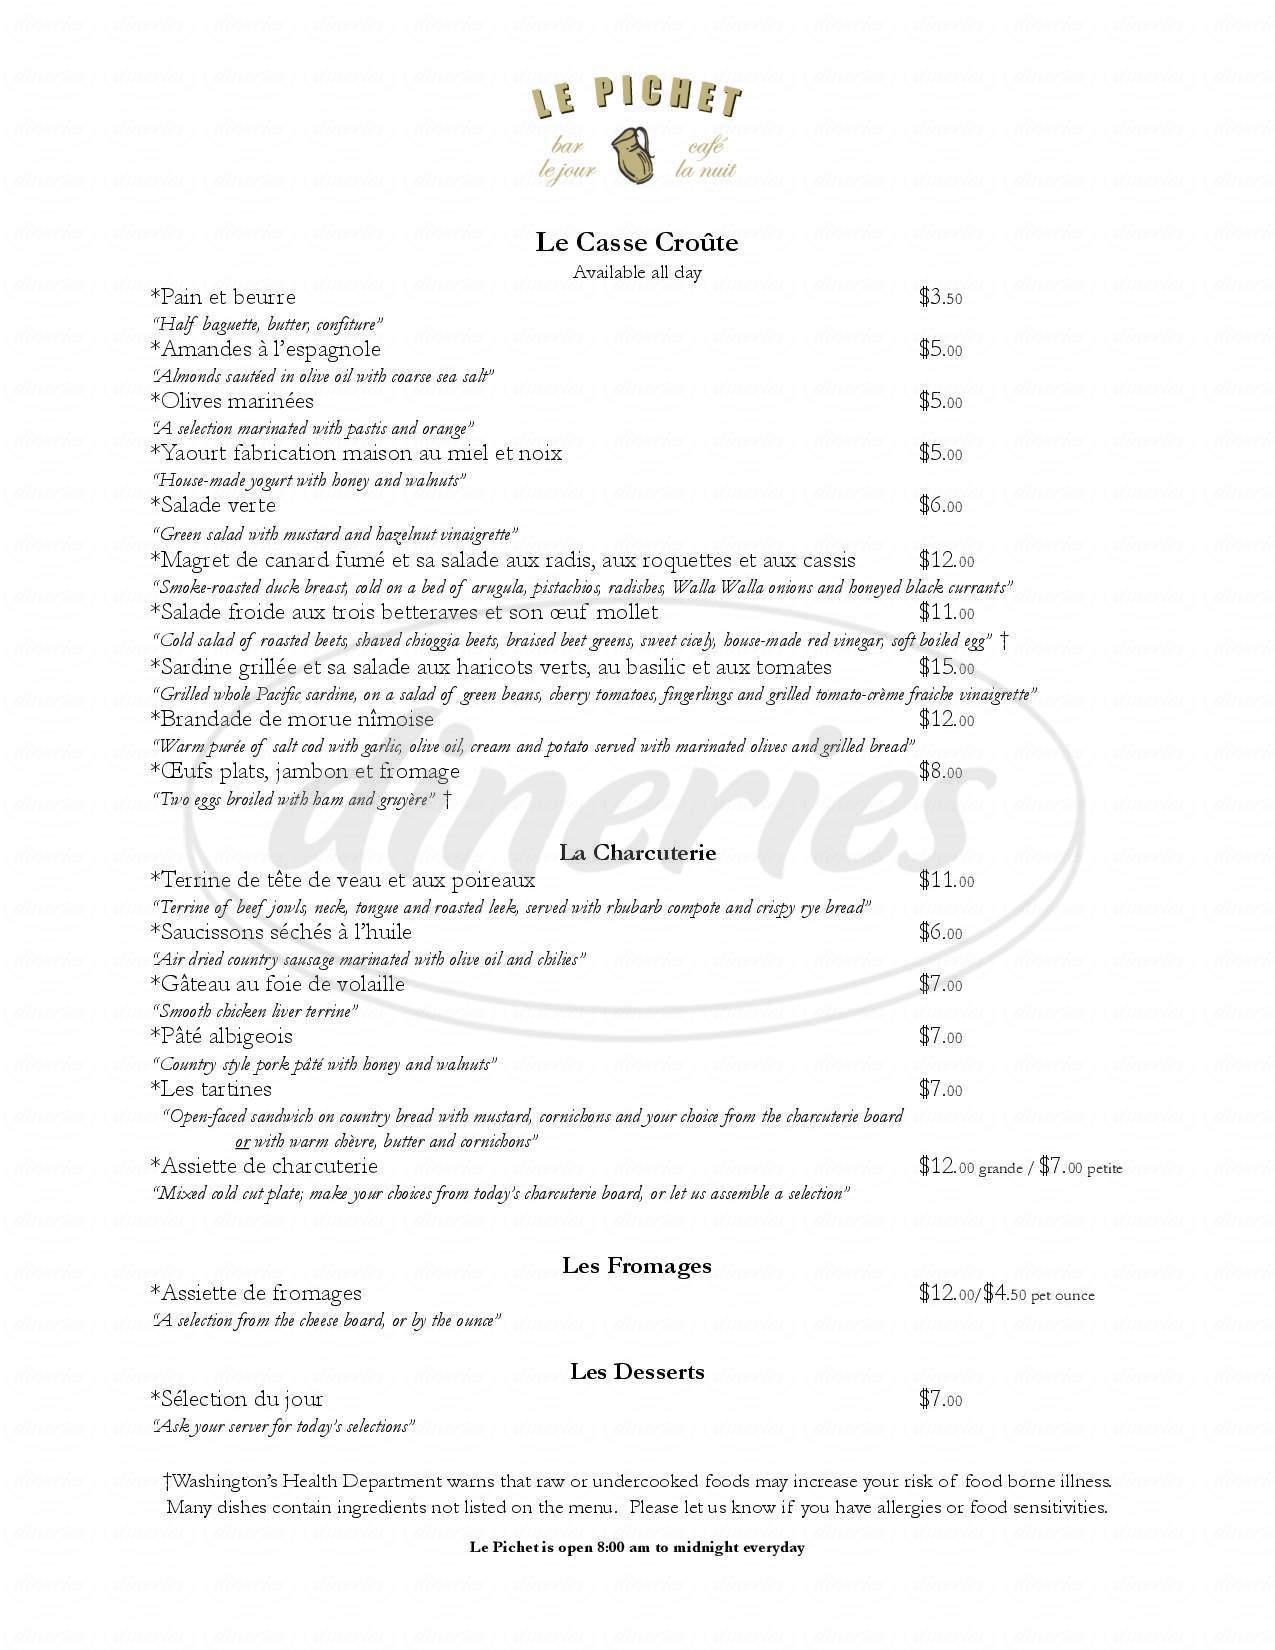 menu for Le Pichet